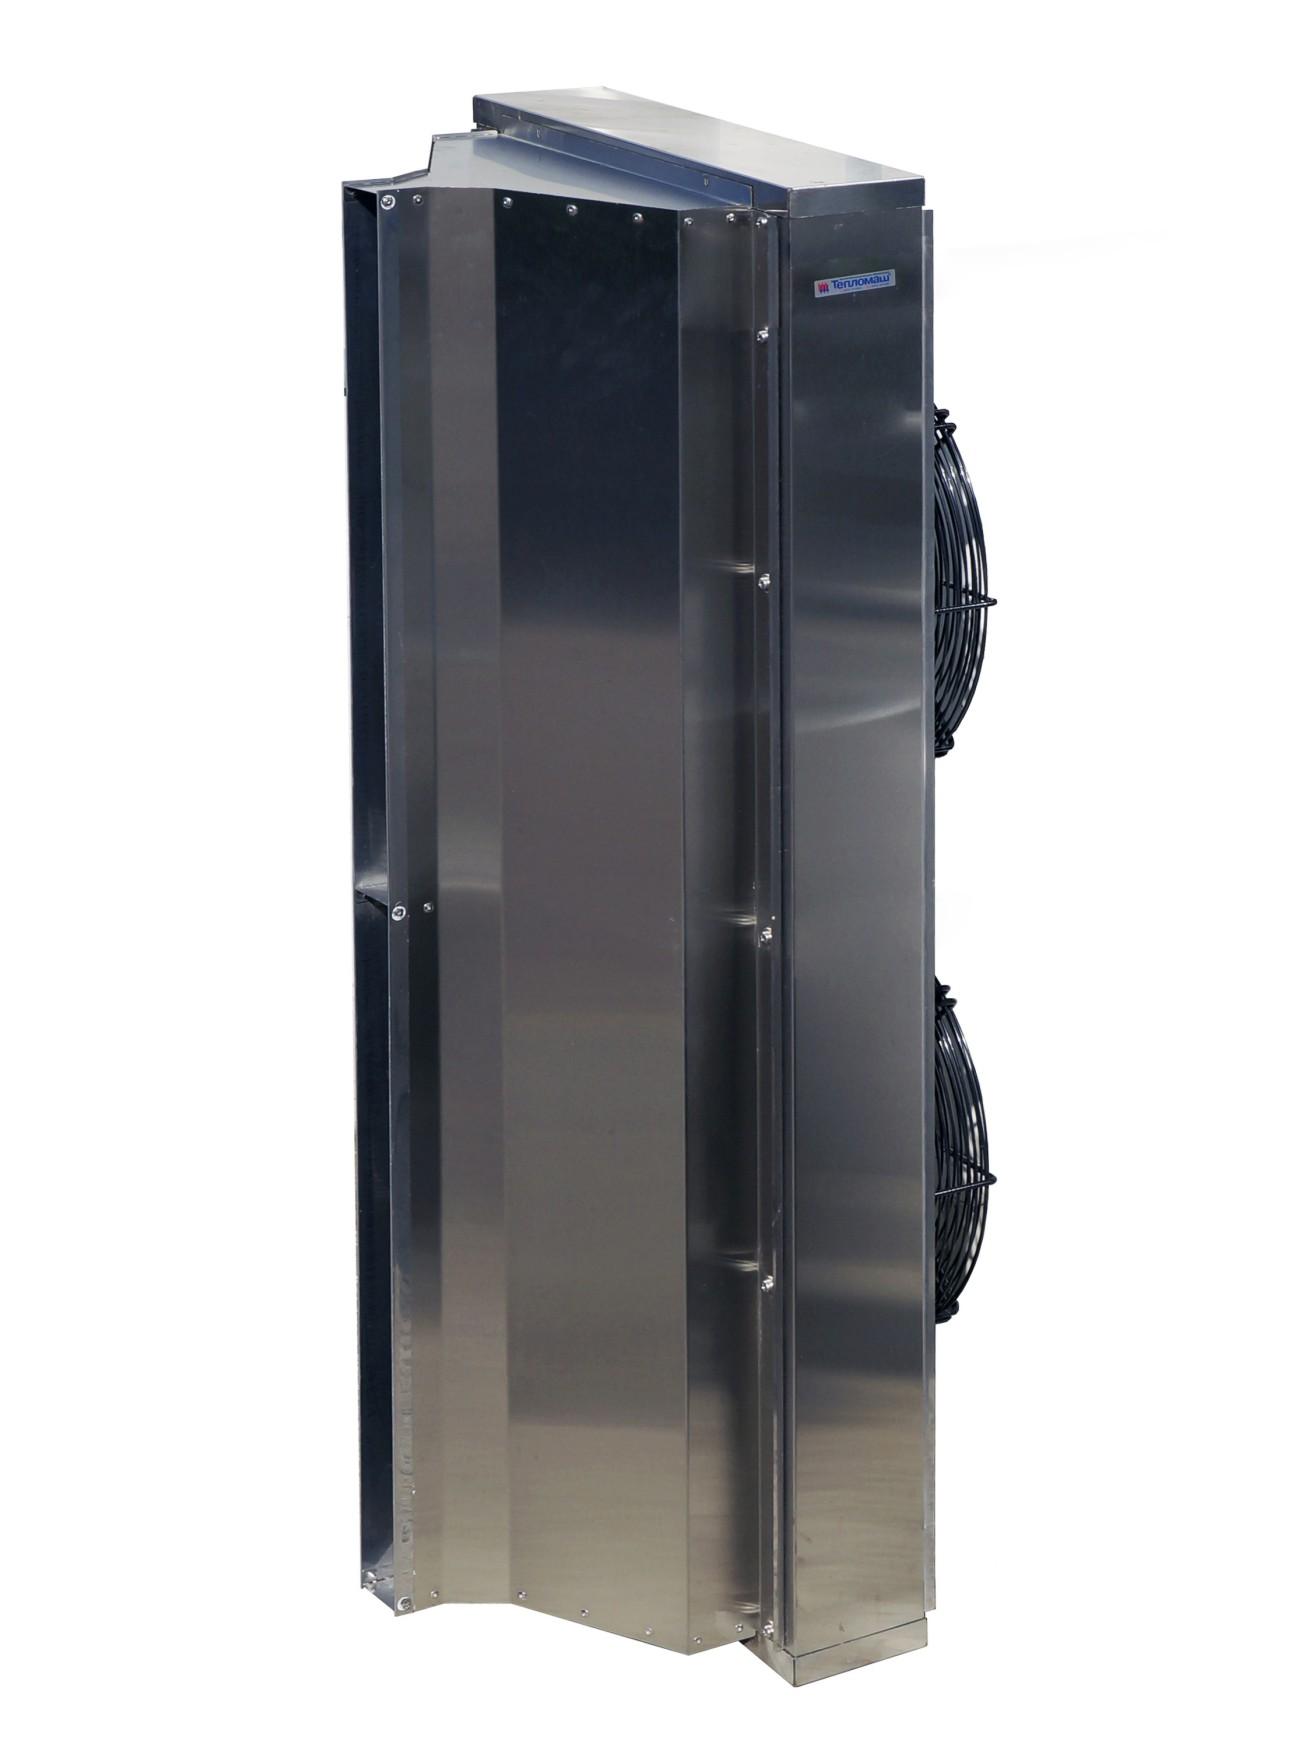 Тепловое оборудование Тепломаш | Тепломаш КЭВ-П4060А  нержавейка 400 IP 54 воздушная завеса без нагрева (нержавейка)